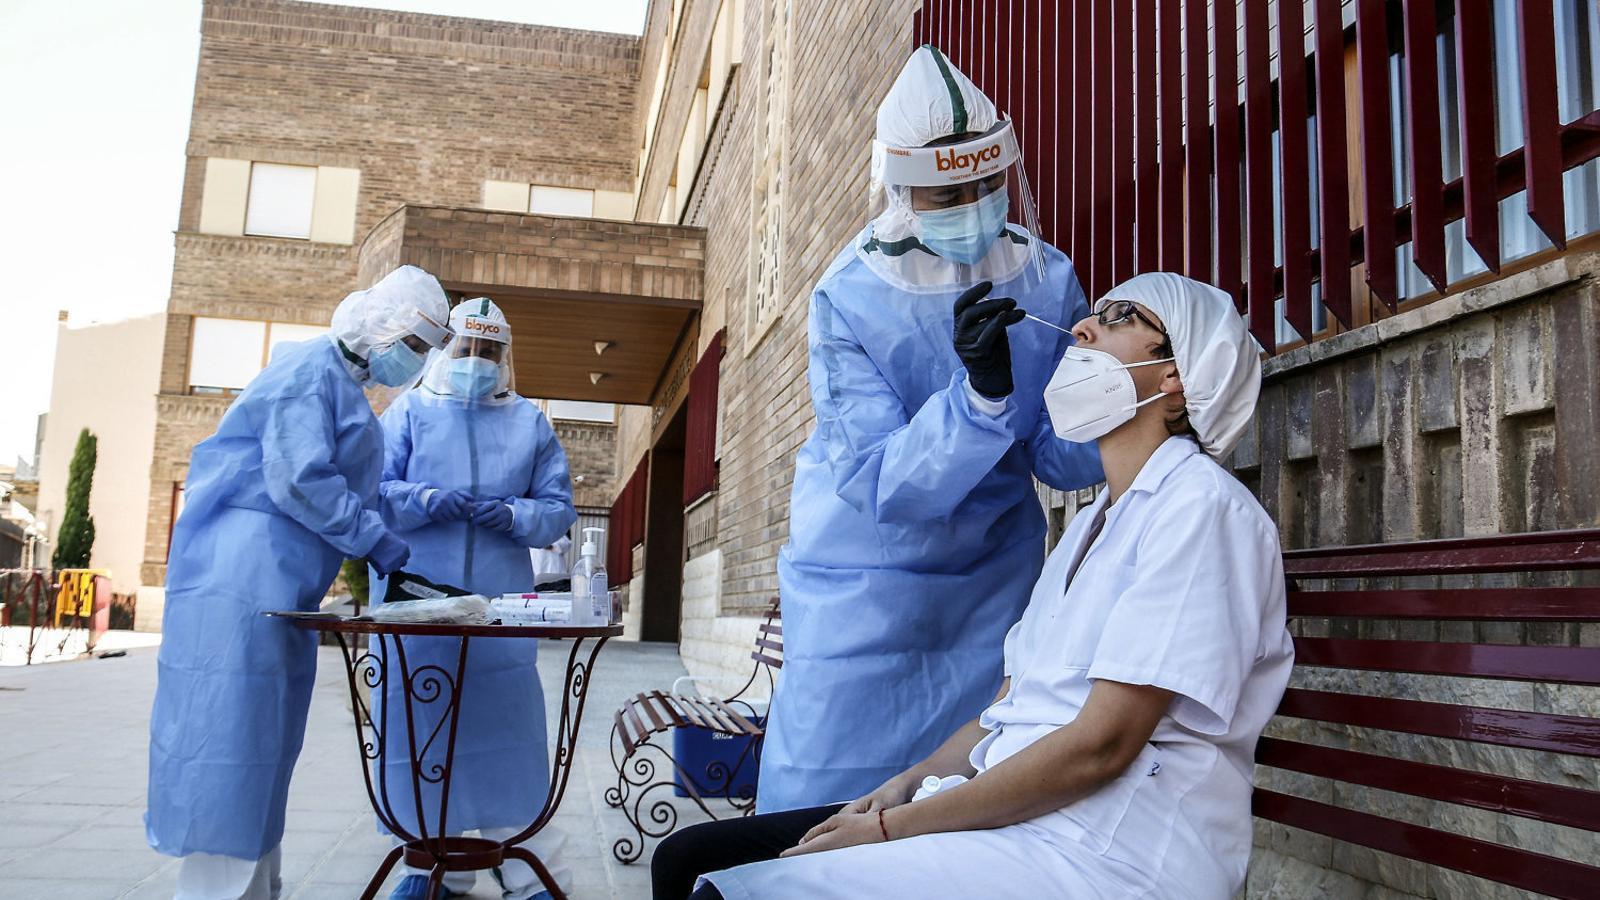 Més de 1.440 contagis nous notificats   En 24 hores a Catalunya